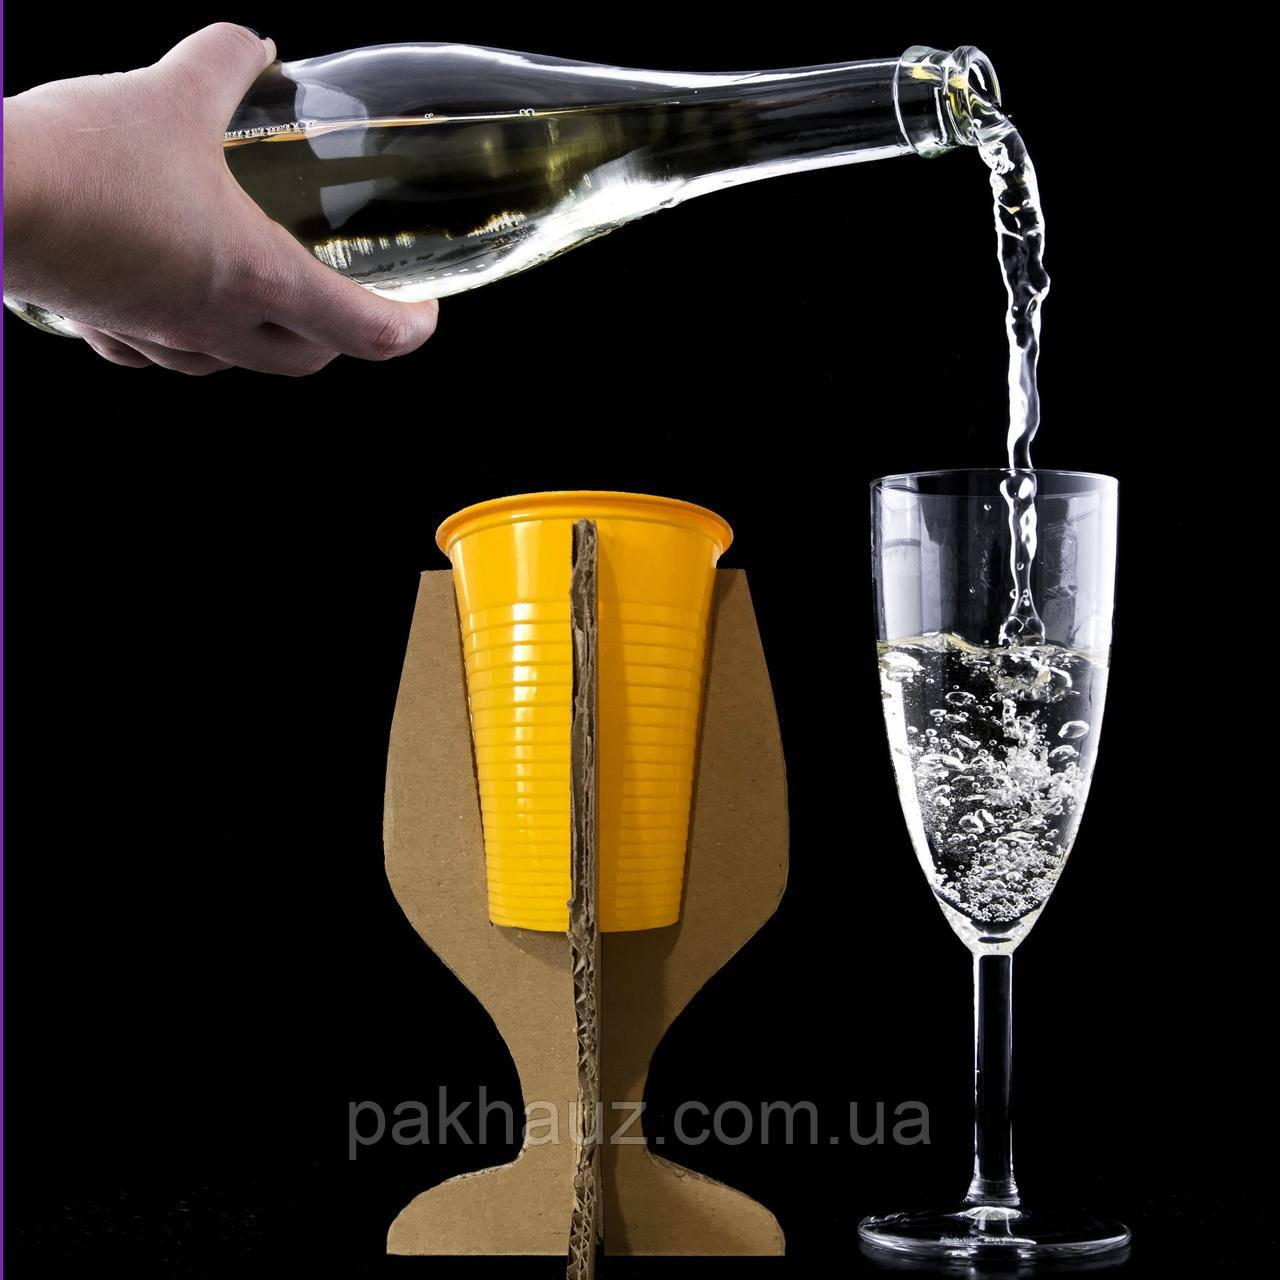 Картонна підставка для пластикових стаканчиків